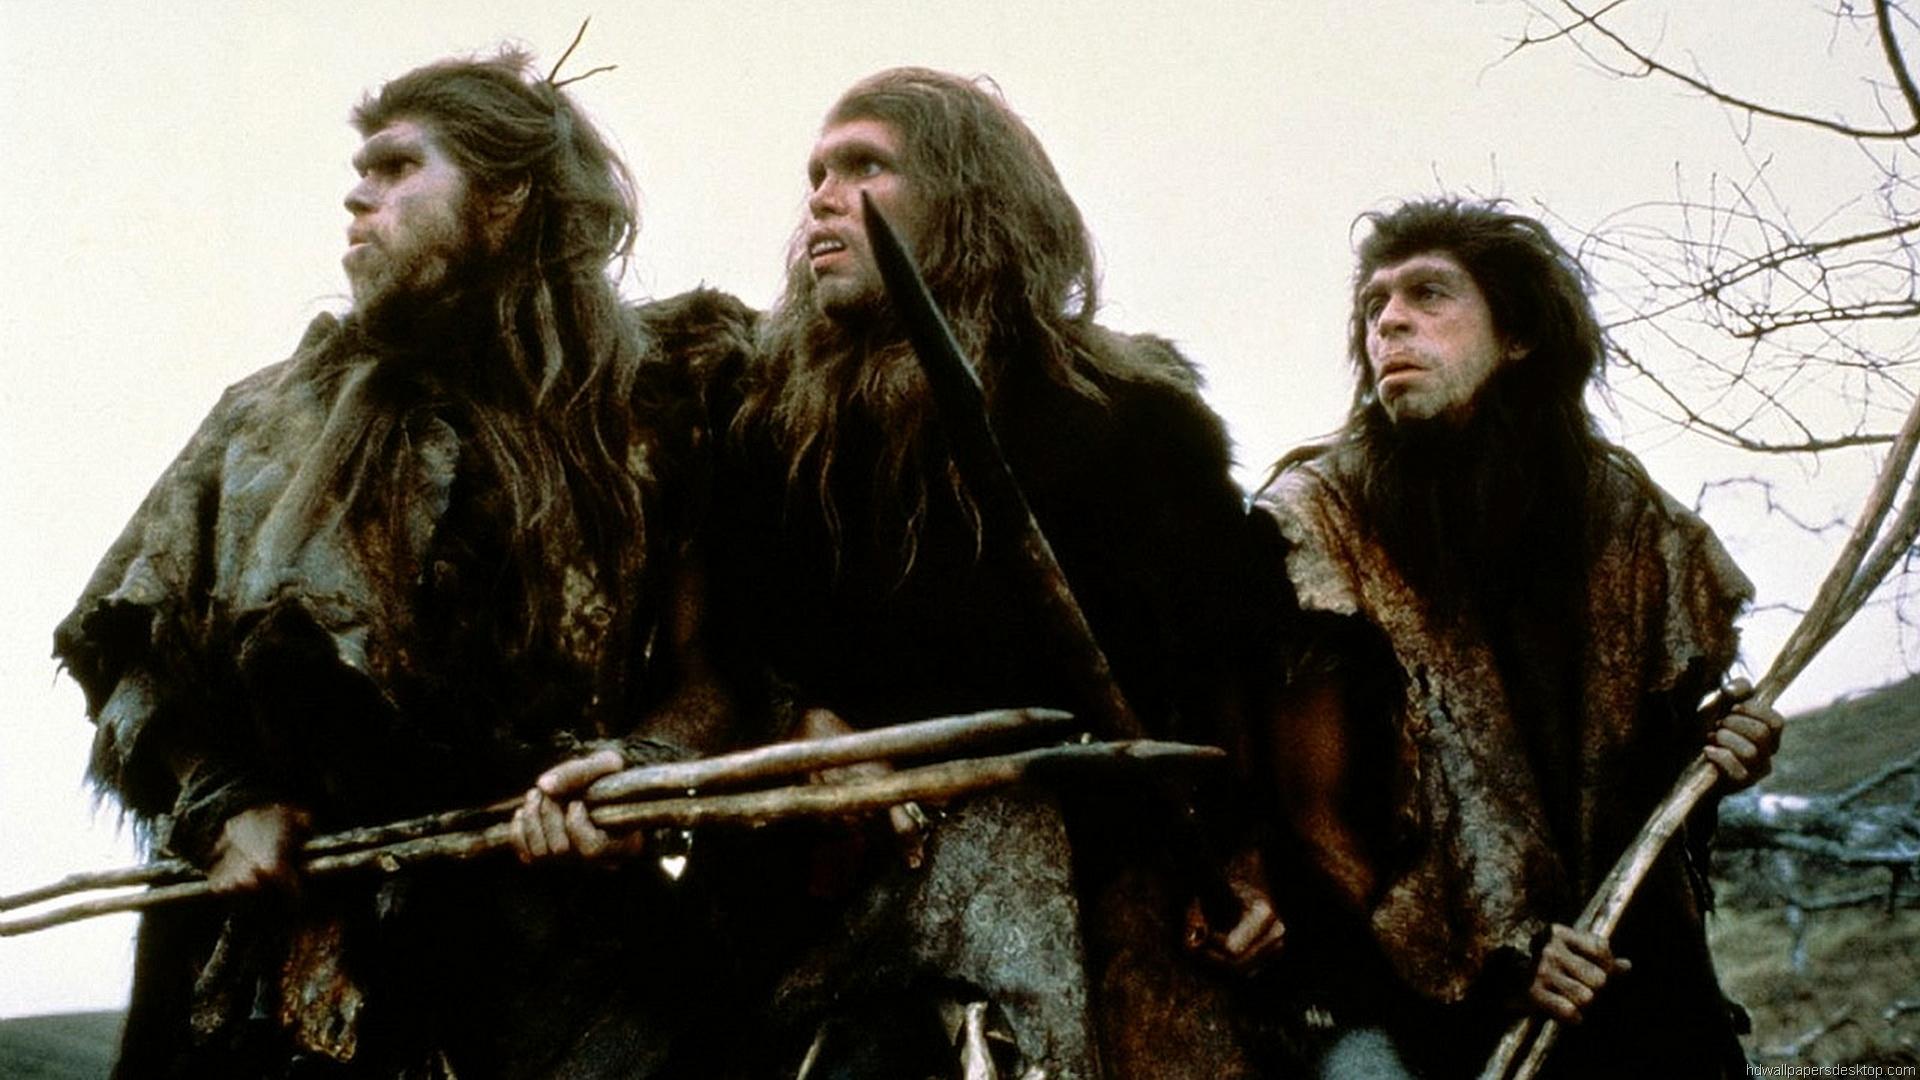 Ron Perlman, Everett McGill, Nameer El Kadi in Quest for Fire (1981)